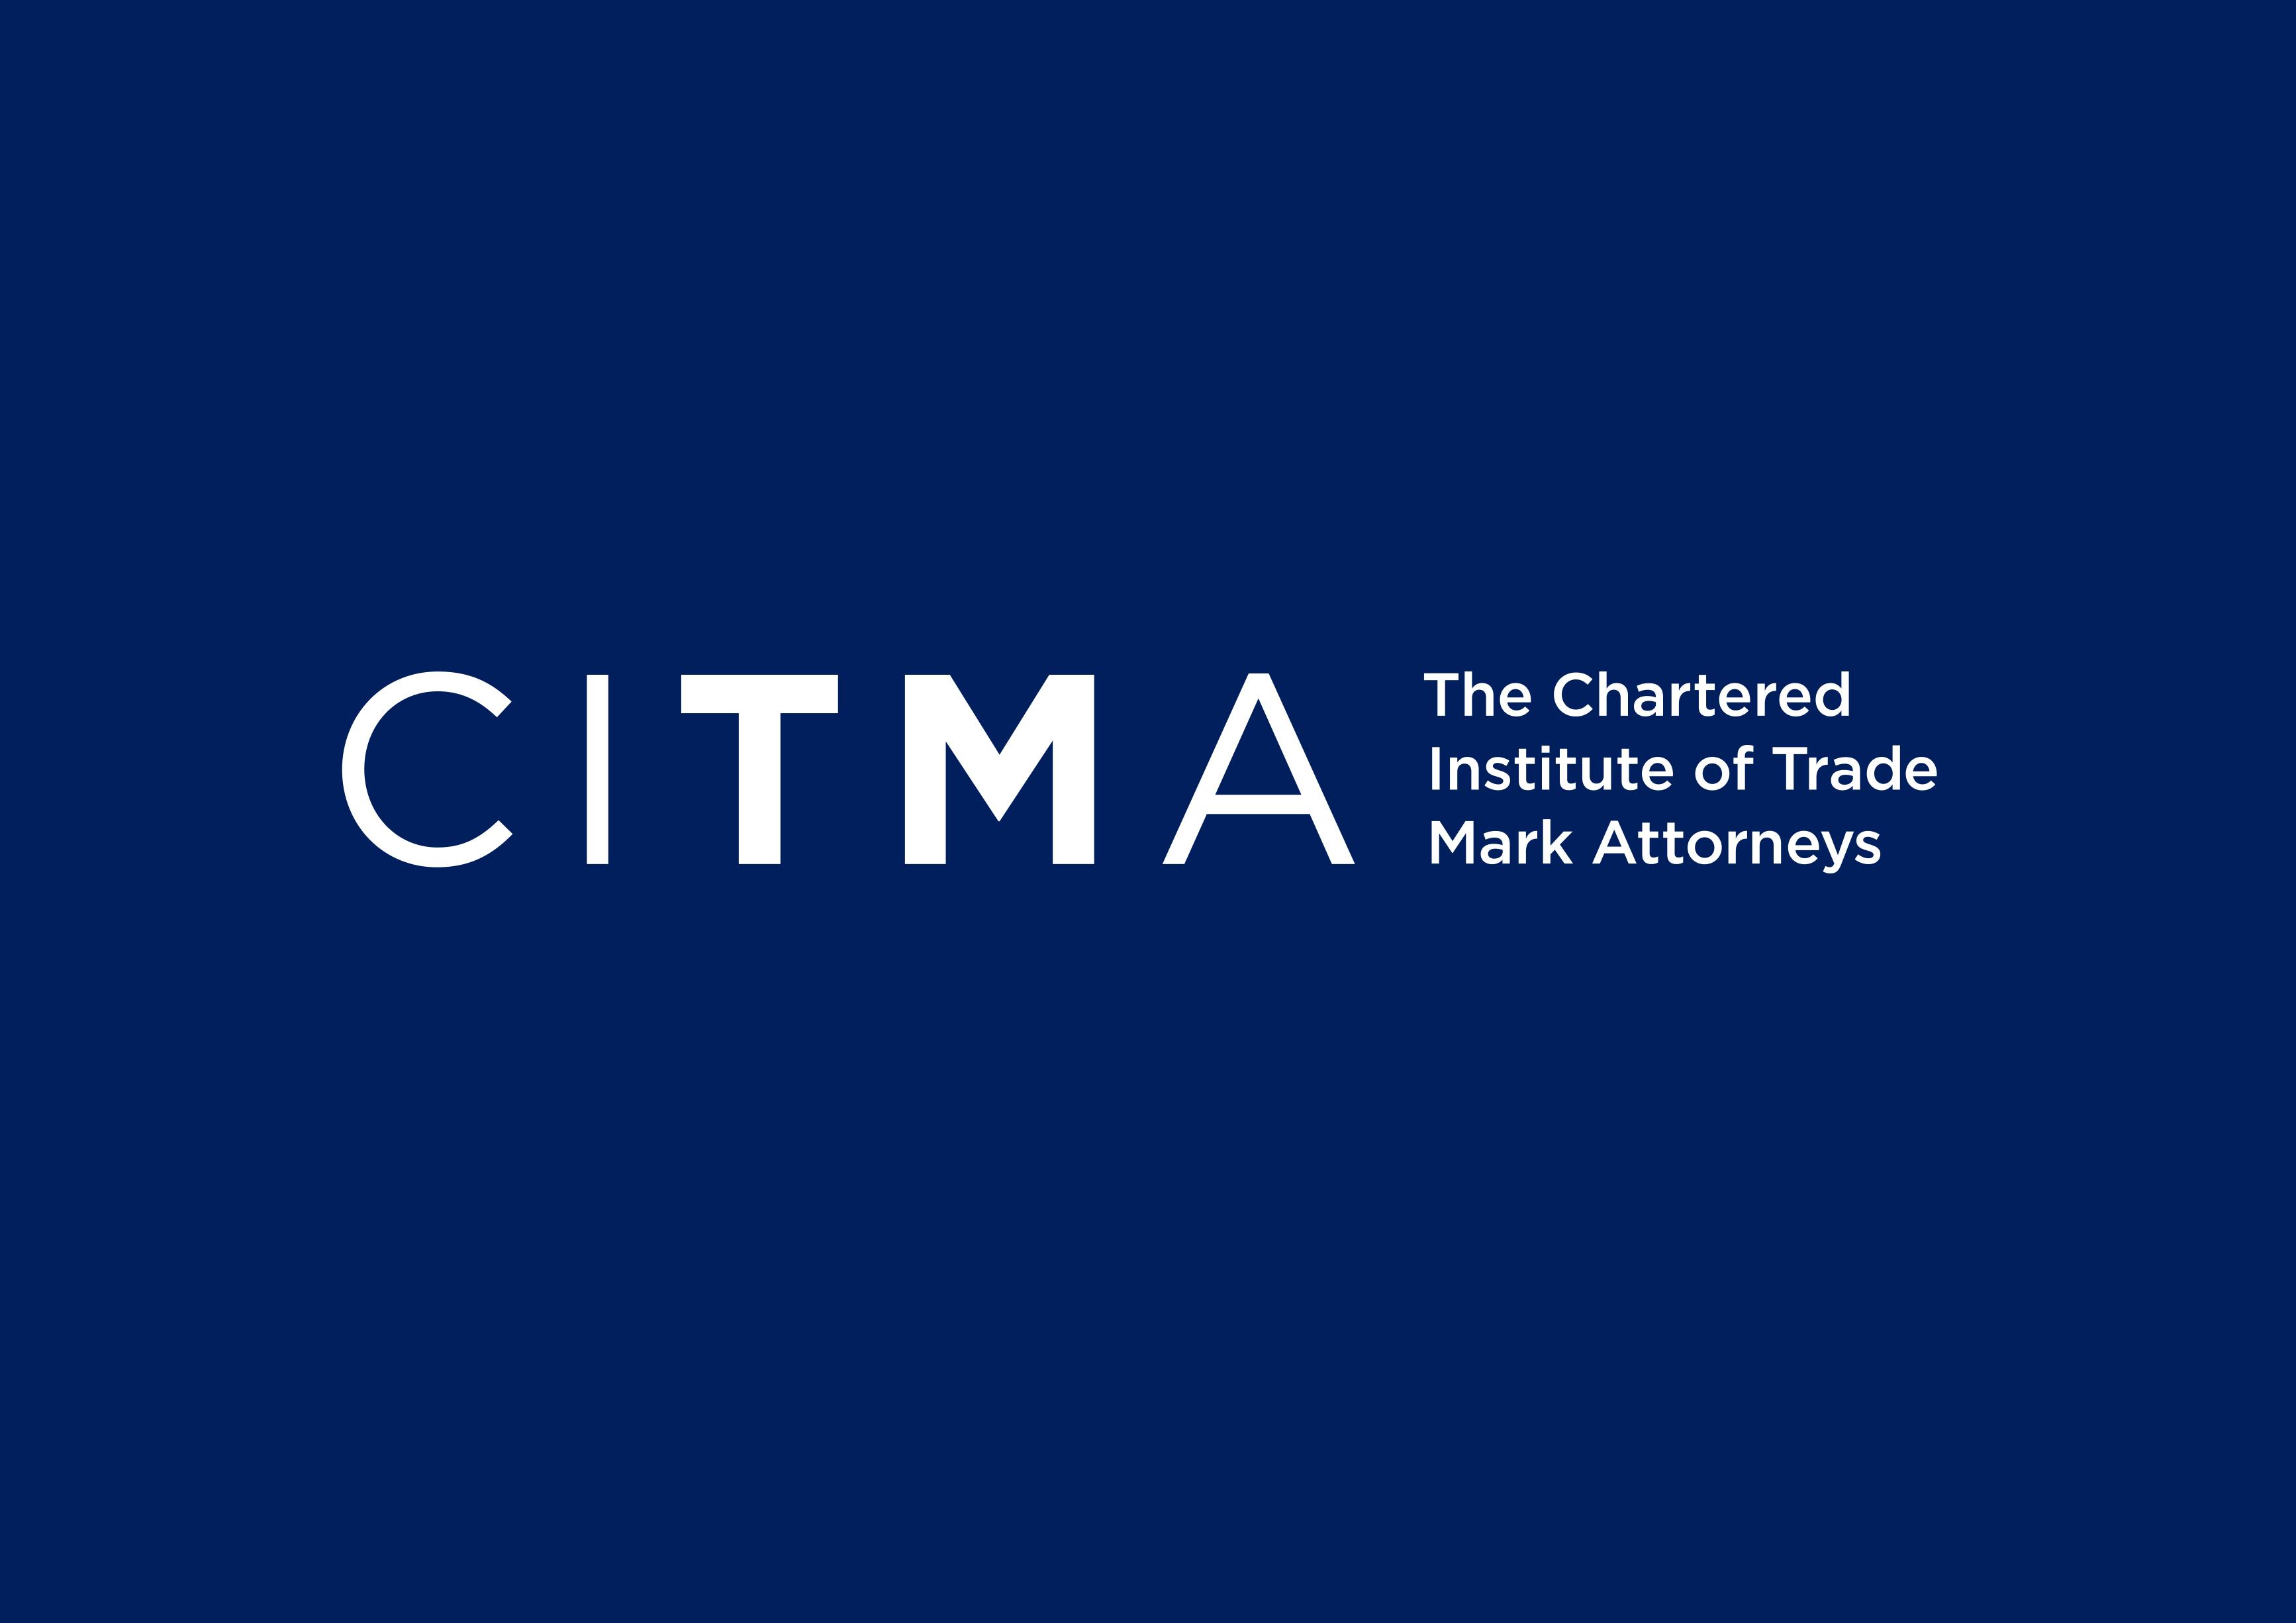 citma_logotypedescriptor